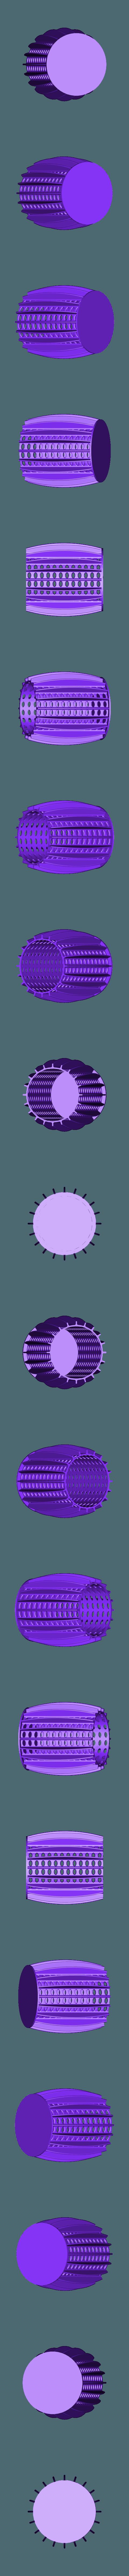 Bowl.STL Download free STL file Bowl, go. • 3D print model, danielfdz0192